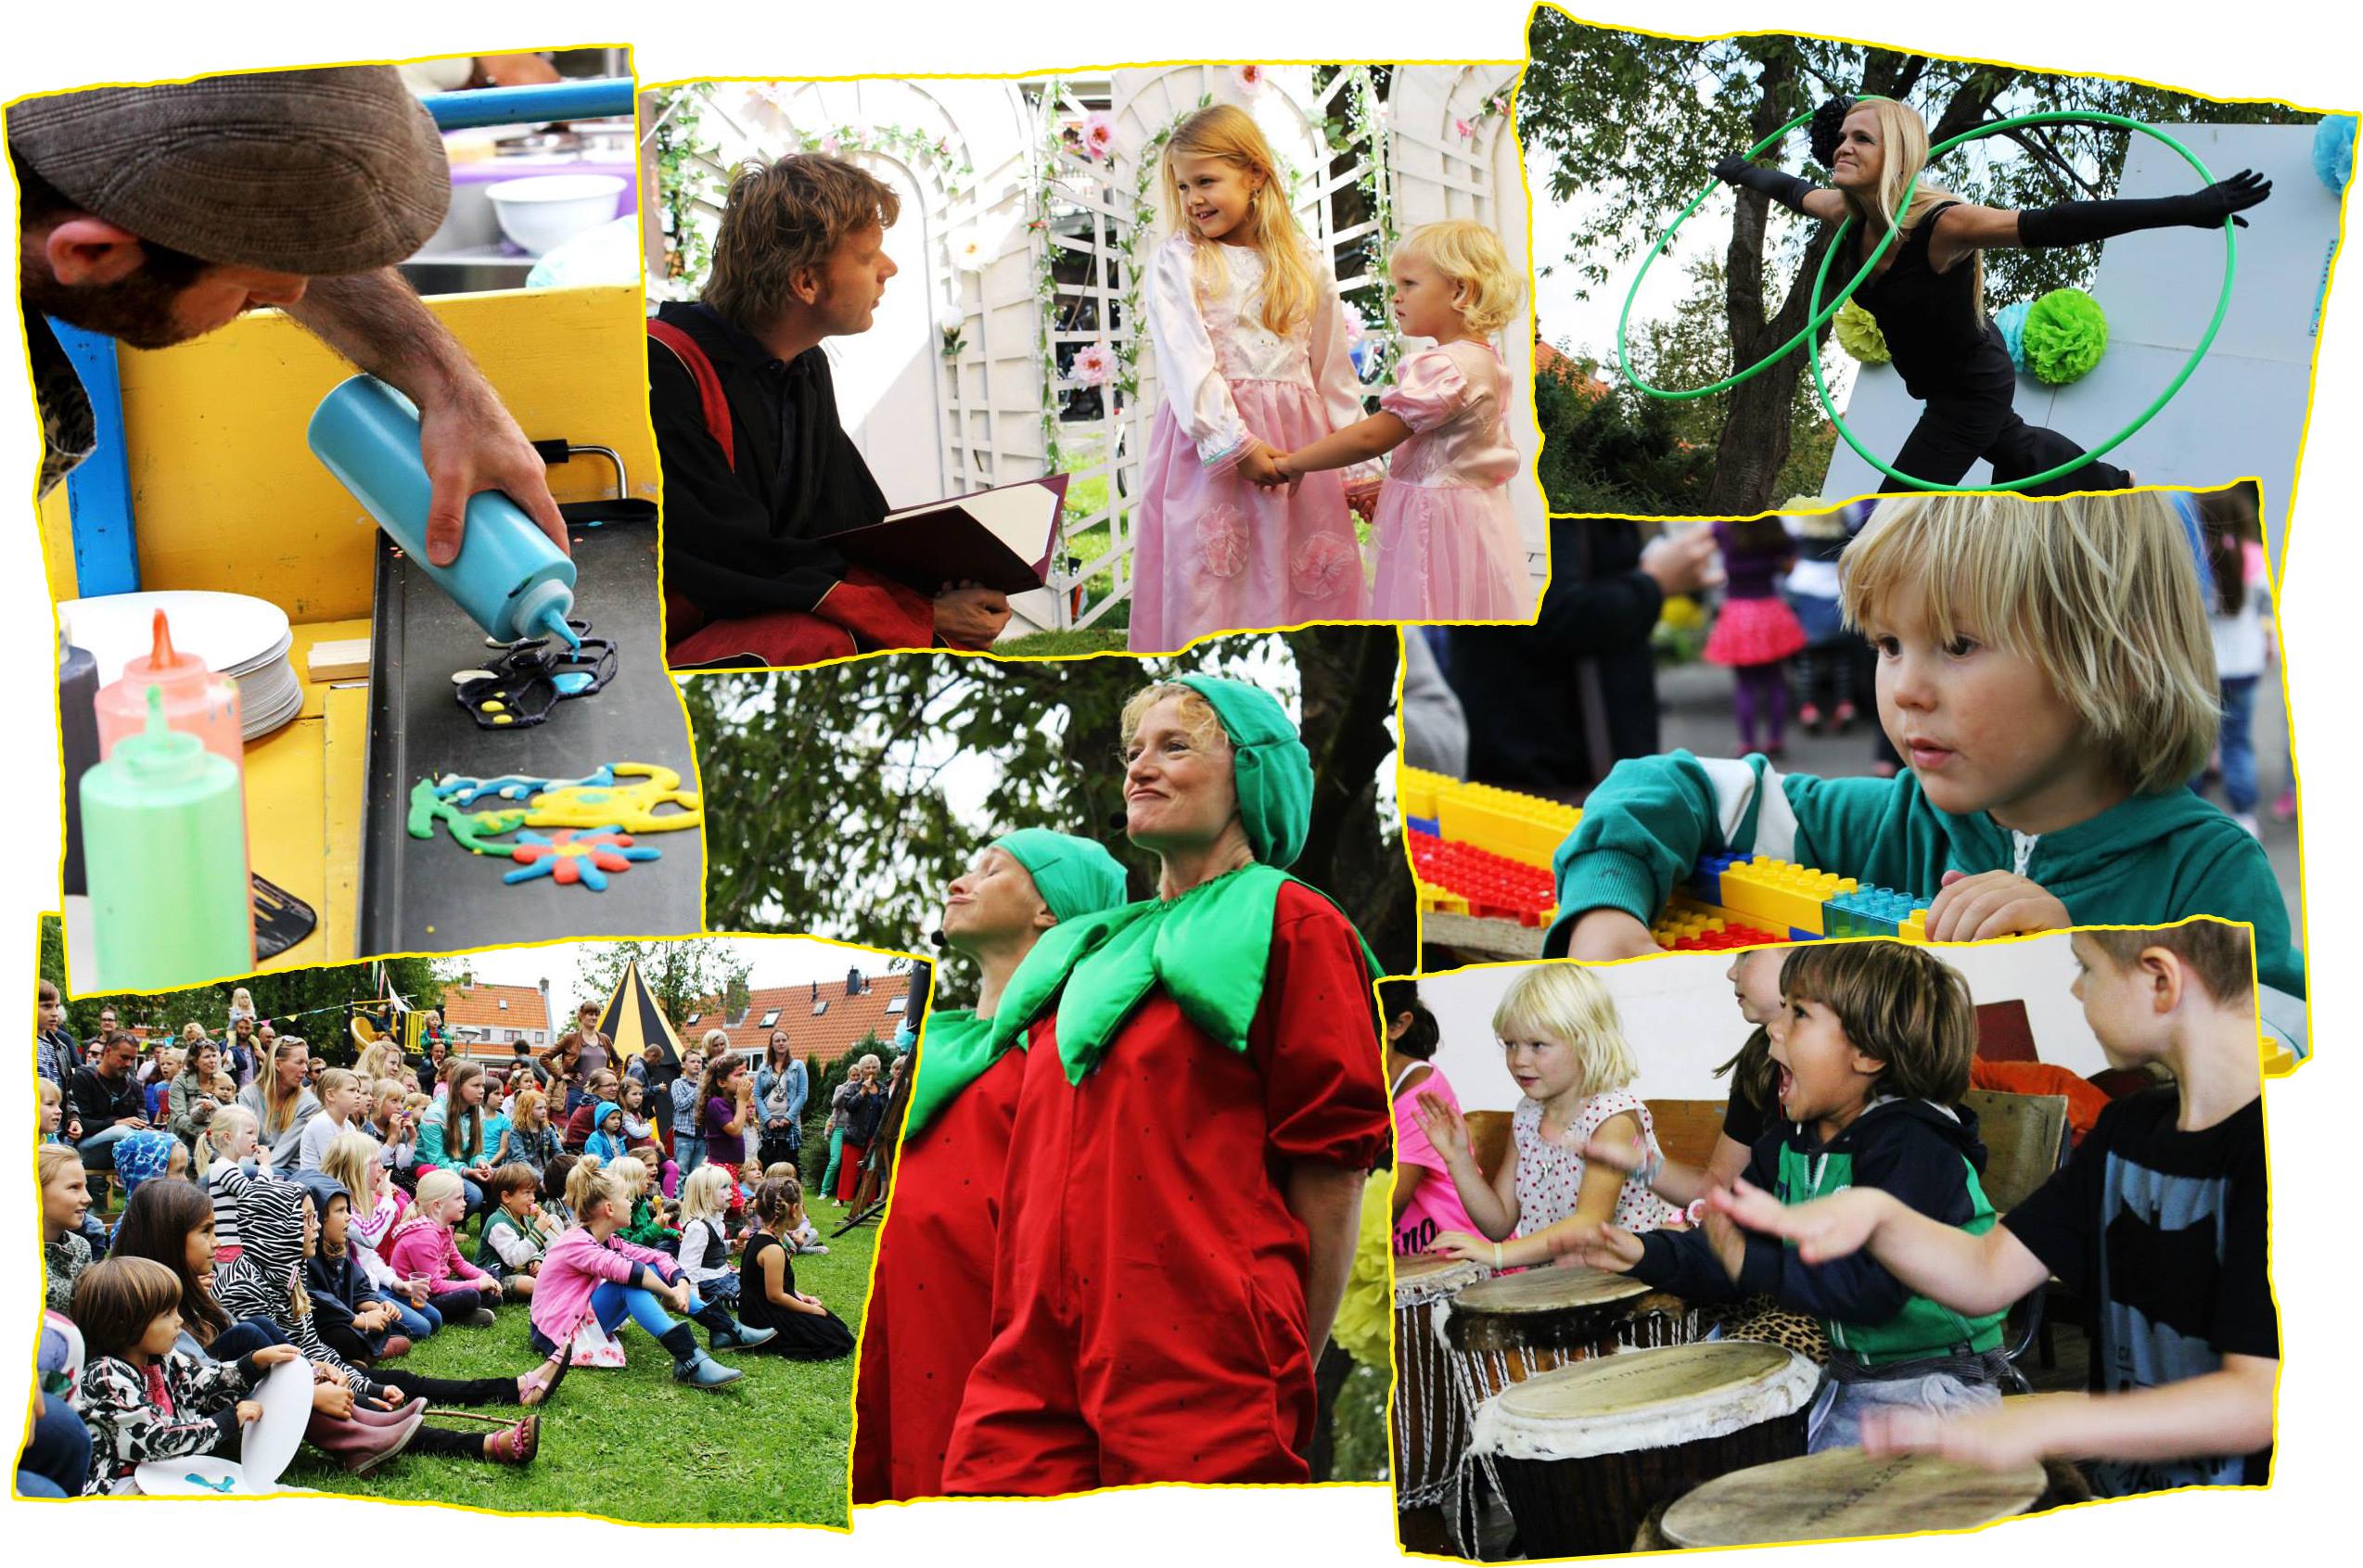 Het Bofkontenfestival is een feest voor jong en oud. (Foto's: aangeleverd/fotobewerking Bart Agterberg/RM)